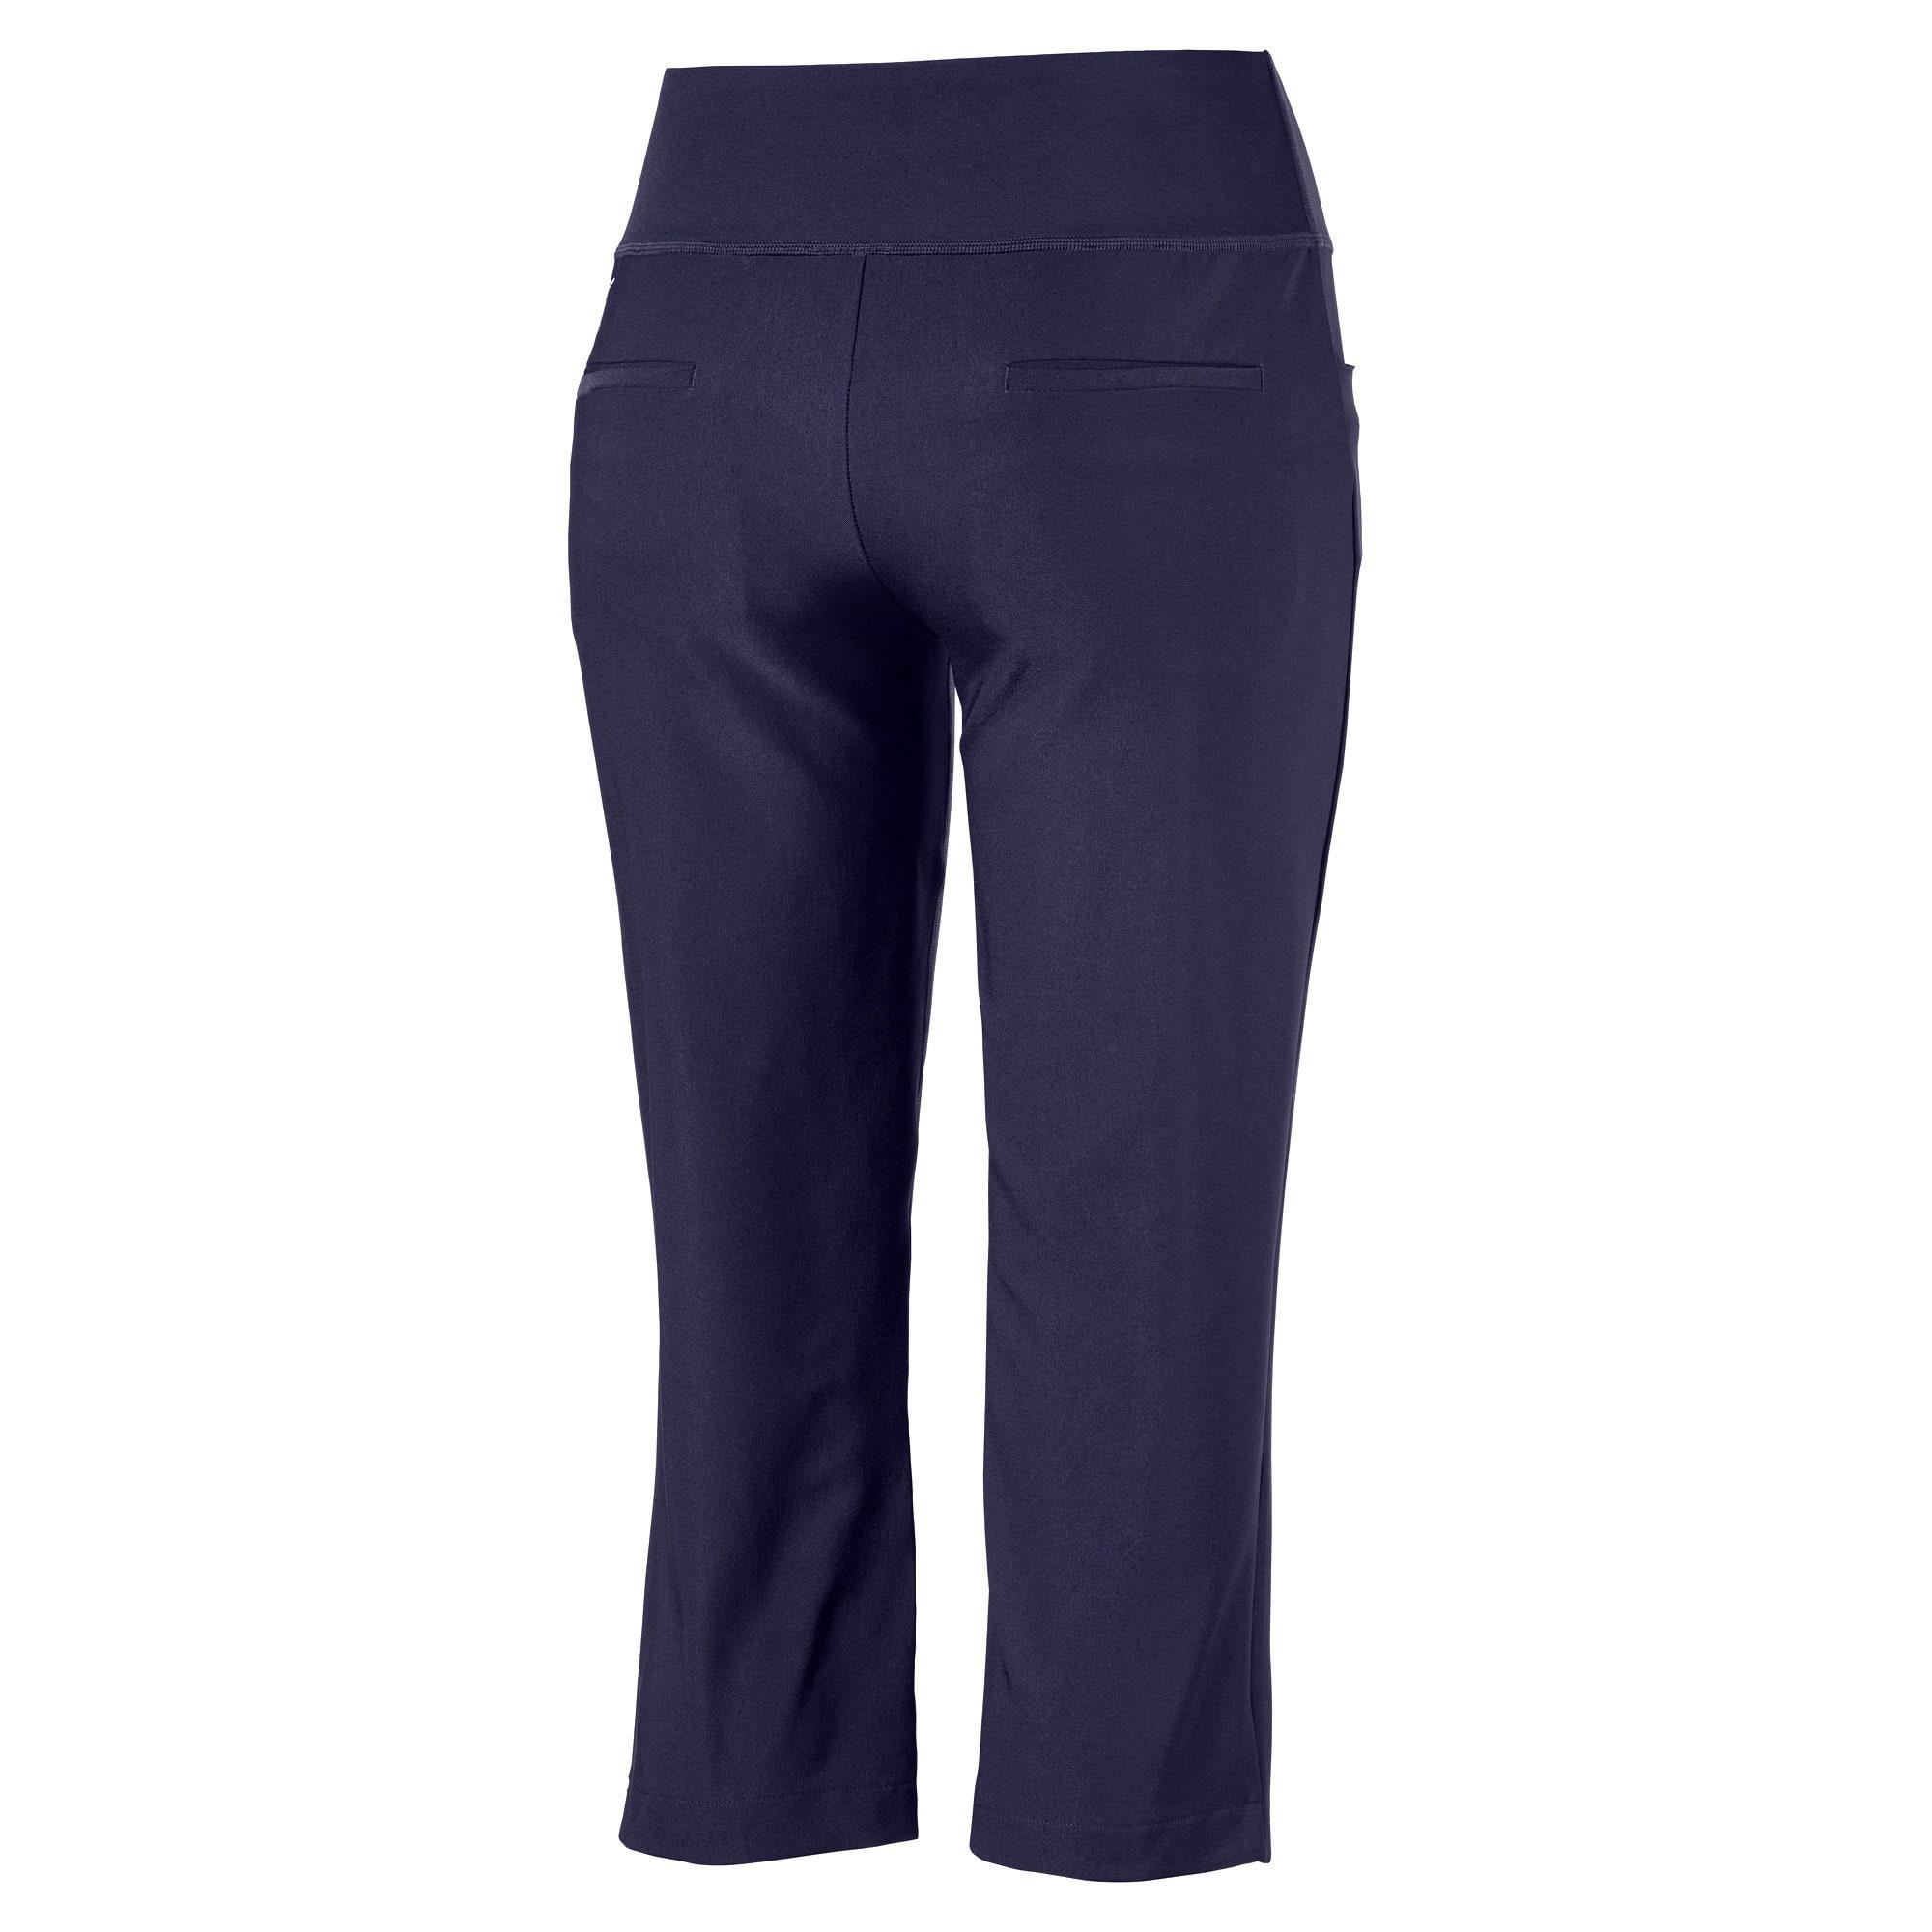 Thumbnail 5 of Golf Women's PWRSHAPE Capri Pants, Peacoat, medium